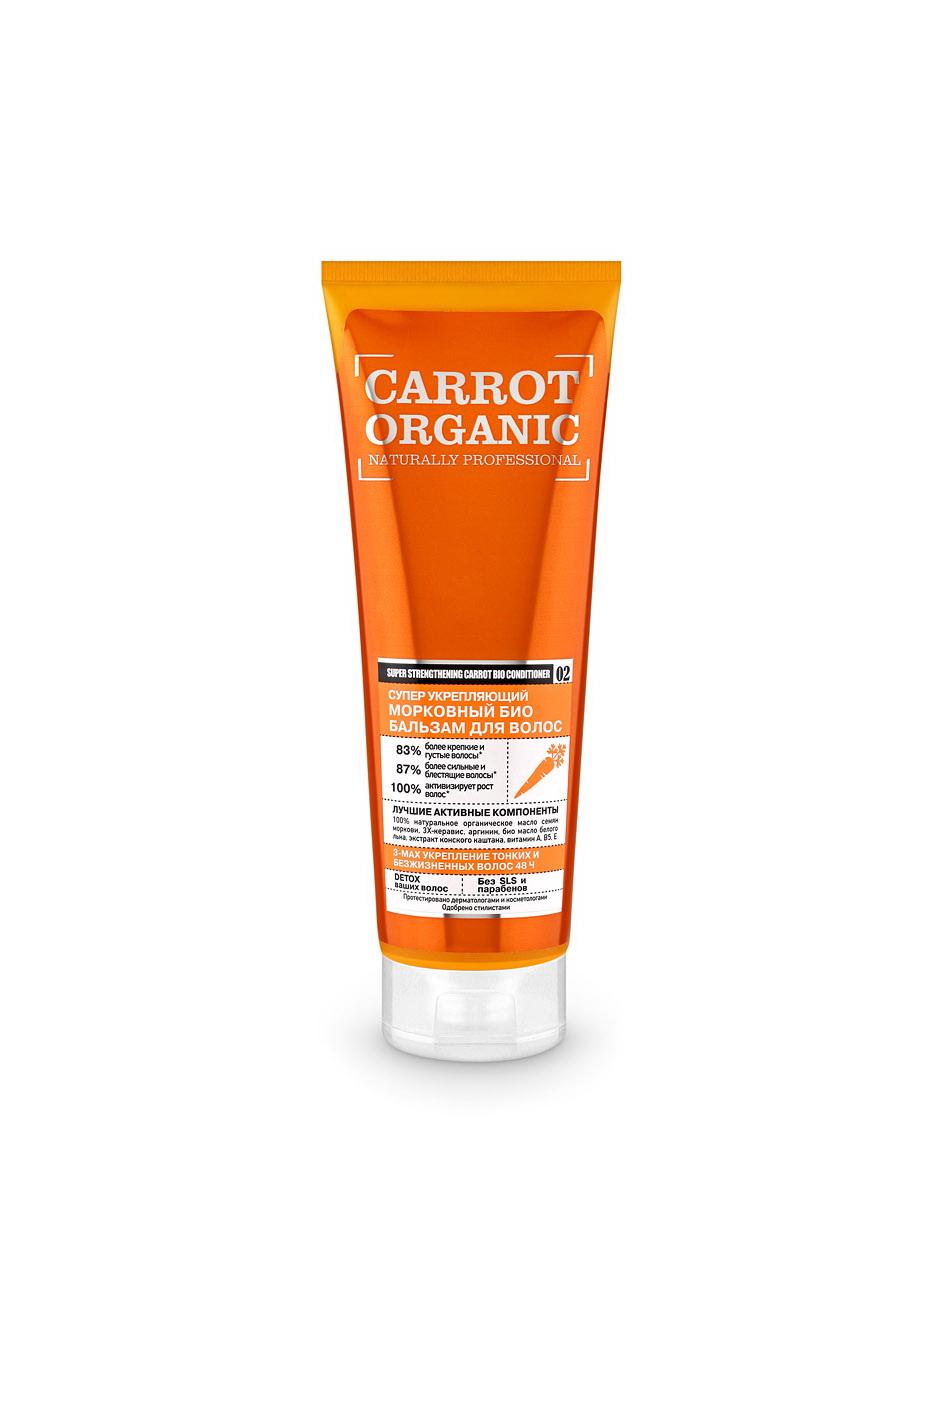 Оrganic Shop Naturally Professional Био-бальзам для волос Супер укрепляющий, морковный, 250 млC2928422Органическое масло семян моркови и аргинин питают кожу головы и укрепляют волосяные луковицы, препятствуя выпадению волос. Экстракт конского каштана активизирует рост волос, делая их густыми и крепкими. Био масло белого льна питает и увлажняет волосы, придает им силу и блеск. 3Х-керавис укрепляет и восстанавливает внутреннюю структуру волос, делает их эластичными и упругими.Товар сертифицирован.